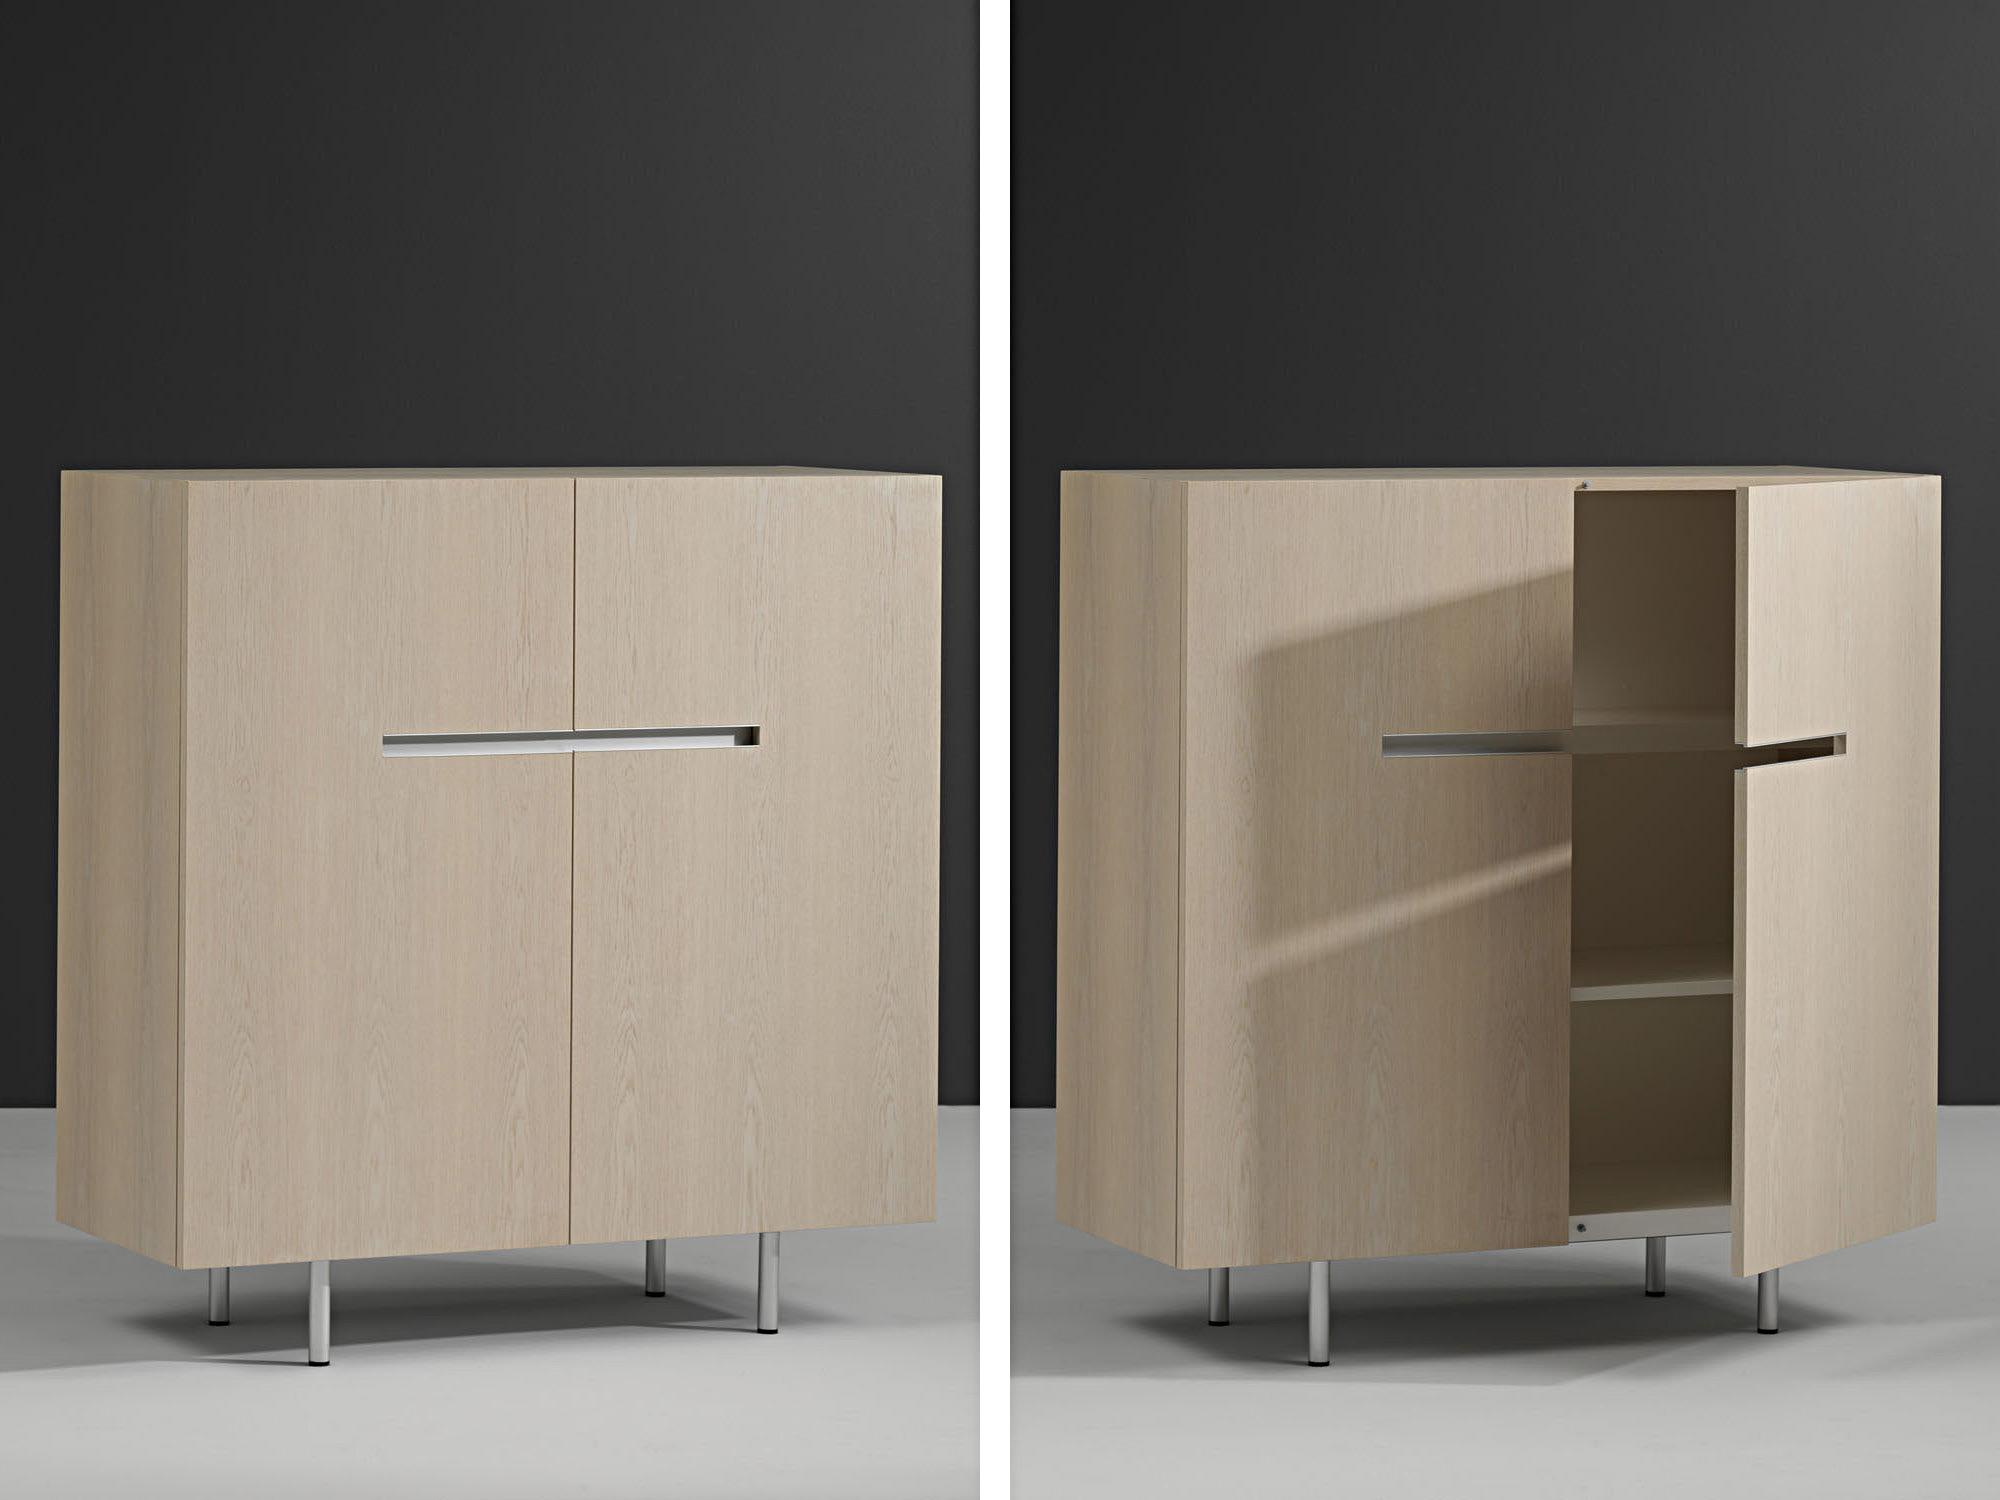 LINE-MA, ontwerp door Dick Spierenburg